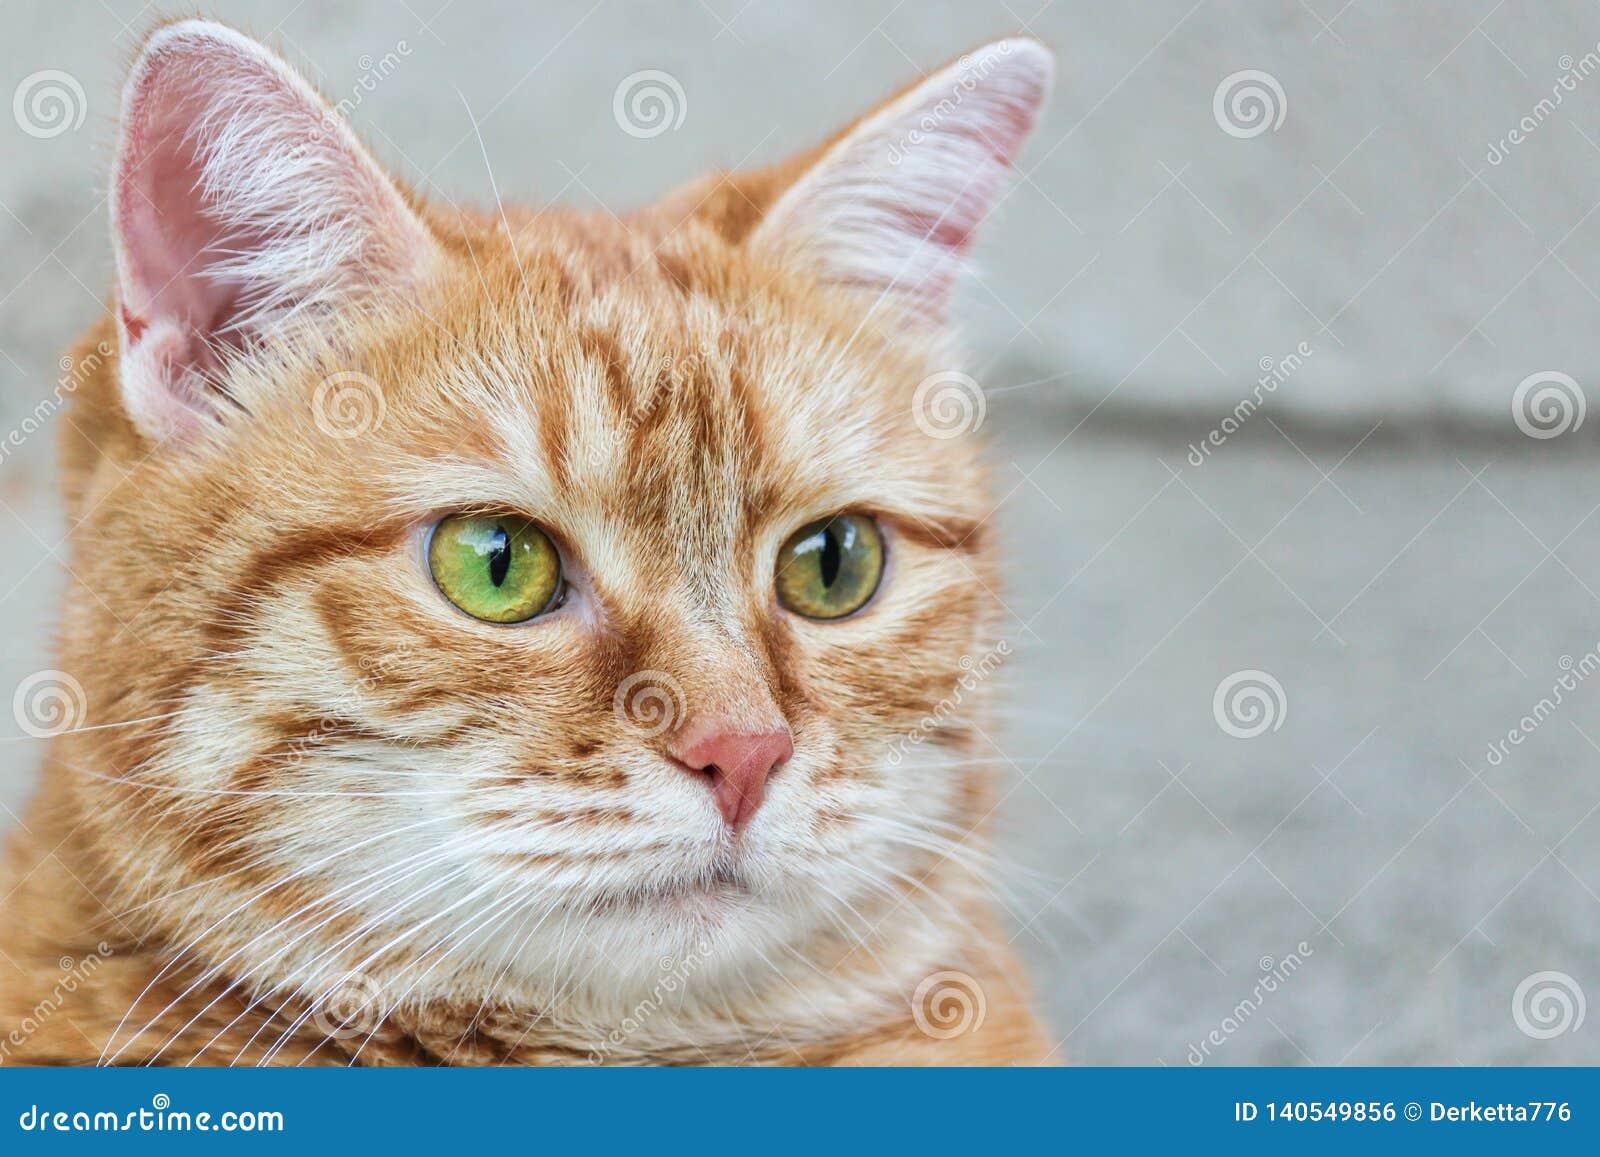 Kagana czerwony kot z czujny zielonych oczu gapić się z bliska Selekcyjna ostrość